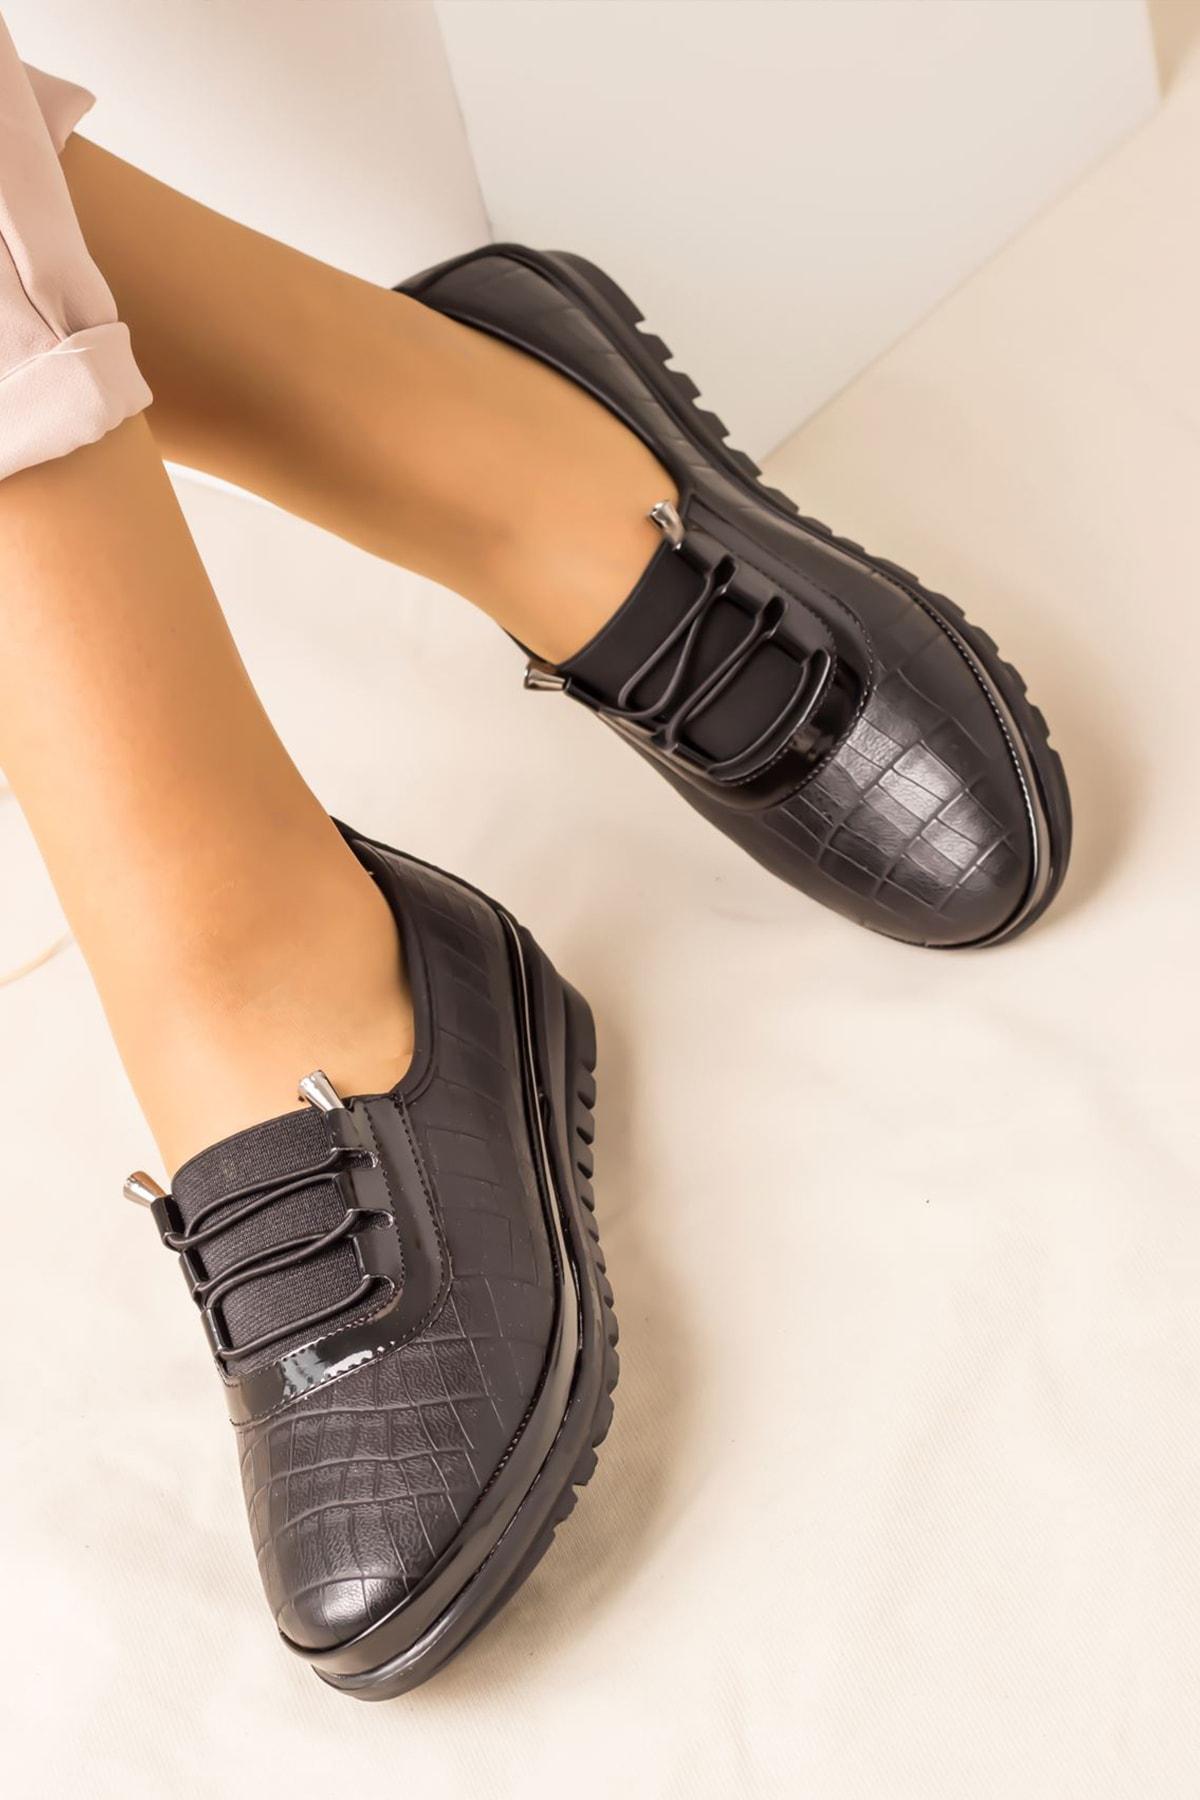 Lal Shoes & Bags Areca Parlak Ortopedik Rahat Kadın Ayakkabı-siyah 2